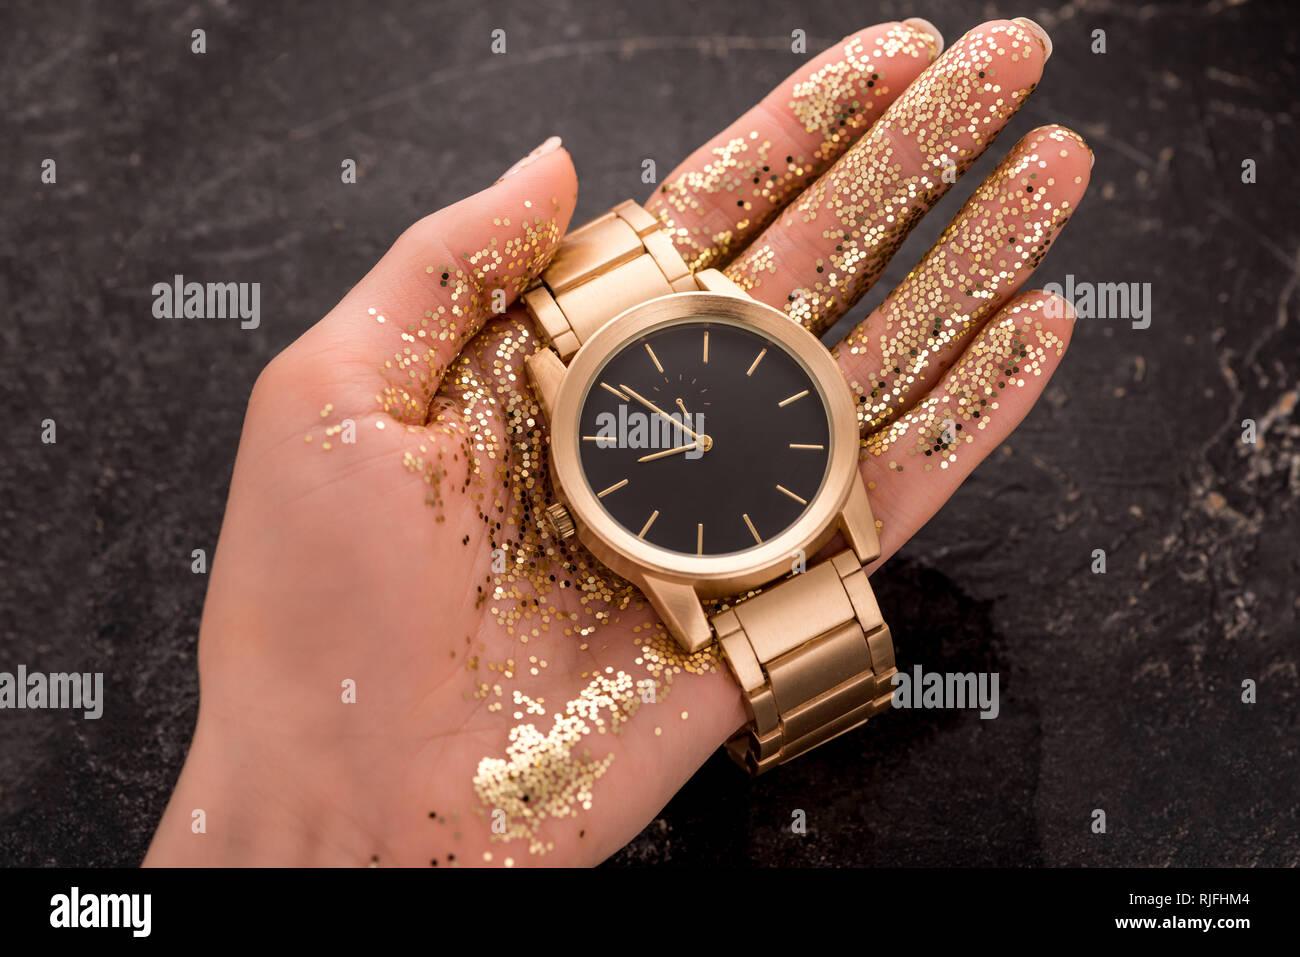 más nuevo mejor calificado apariencia estética zapatos de separación Vista recortada del reloj de pulsera de oro en la mano de ...